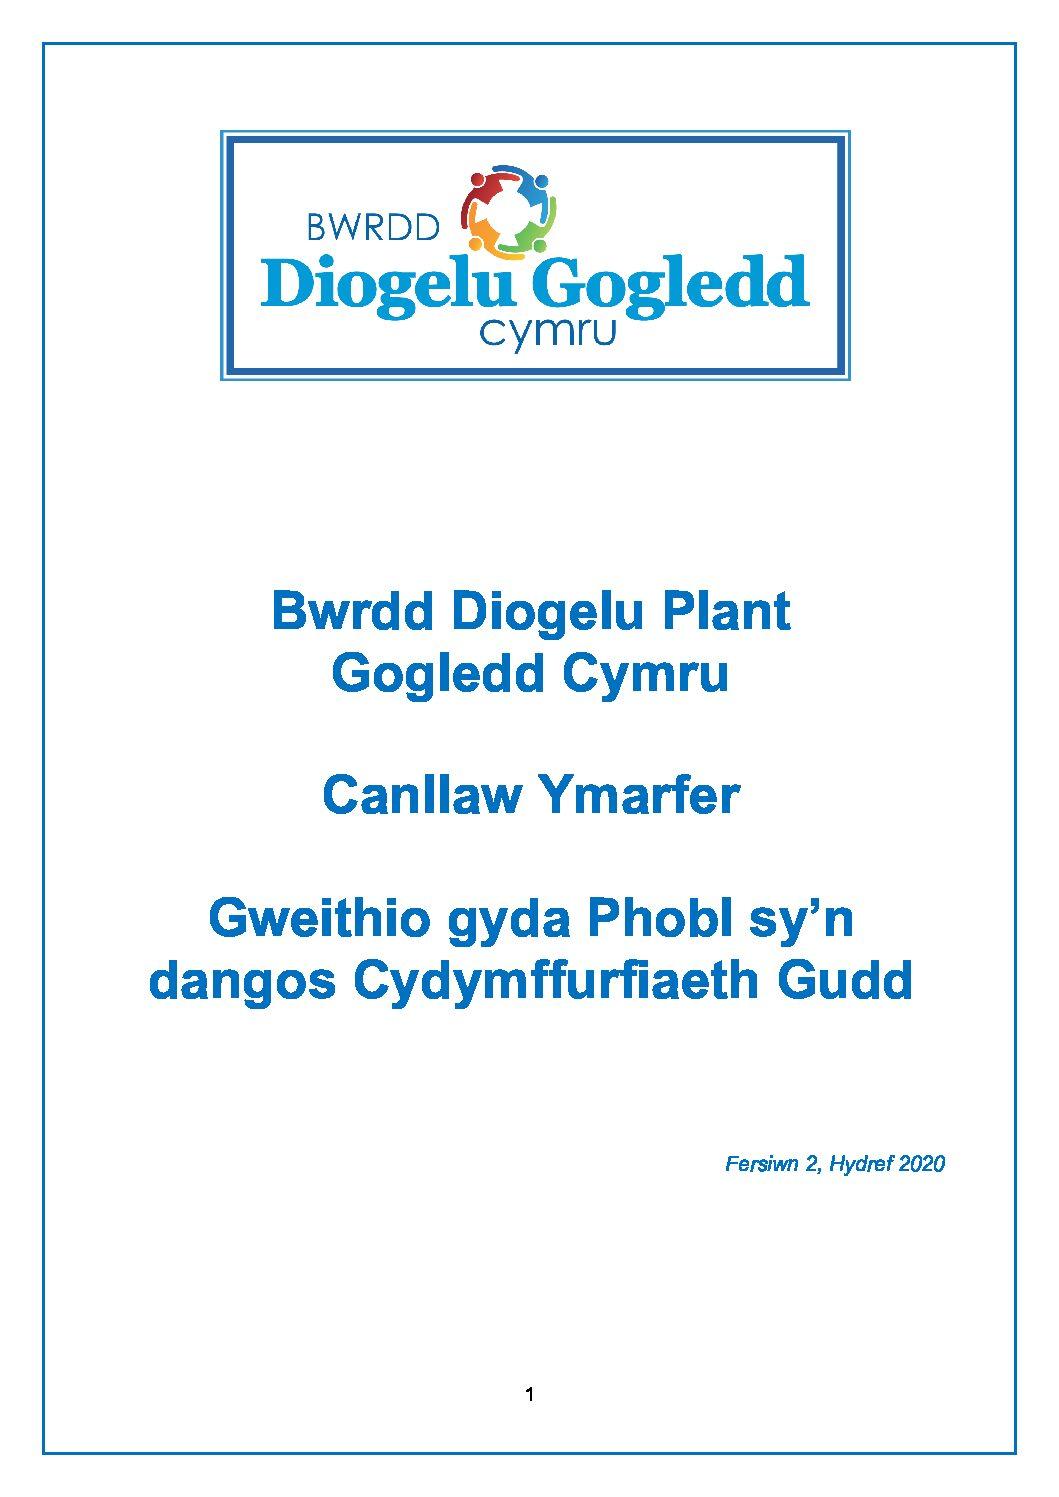 Gogledd Cymru Canllaw Ymarfer Gweithio gyda Phobl sy'n dangos Cydymffurfiaeth Gudd